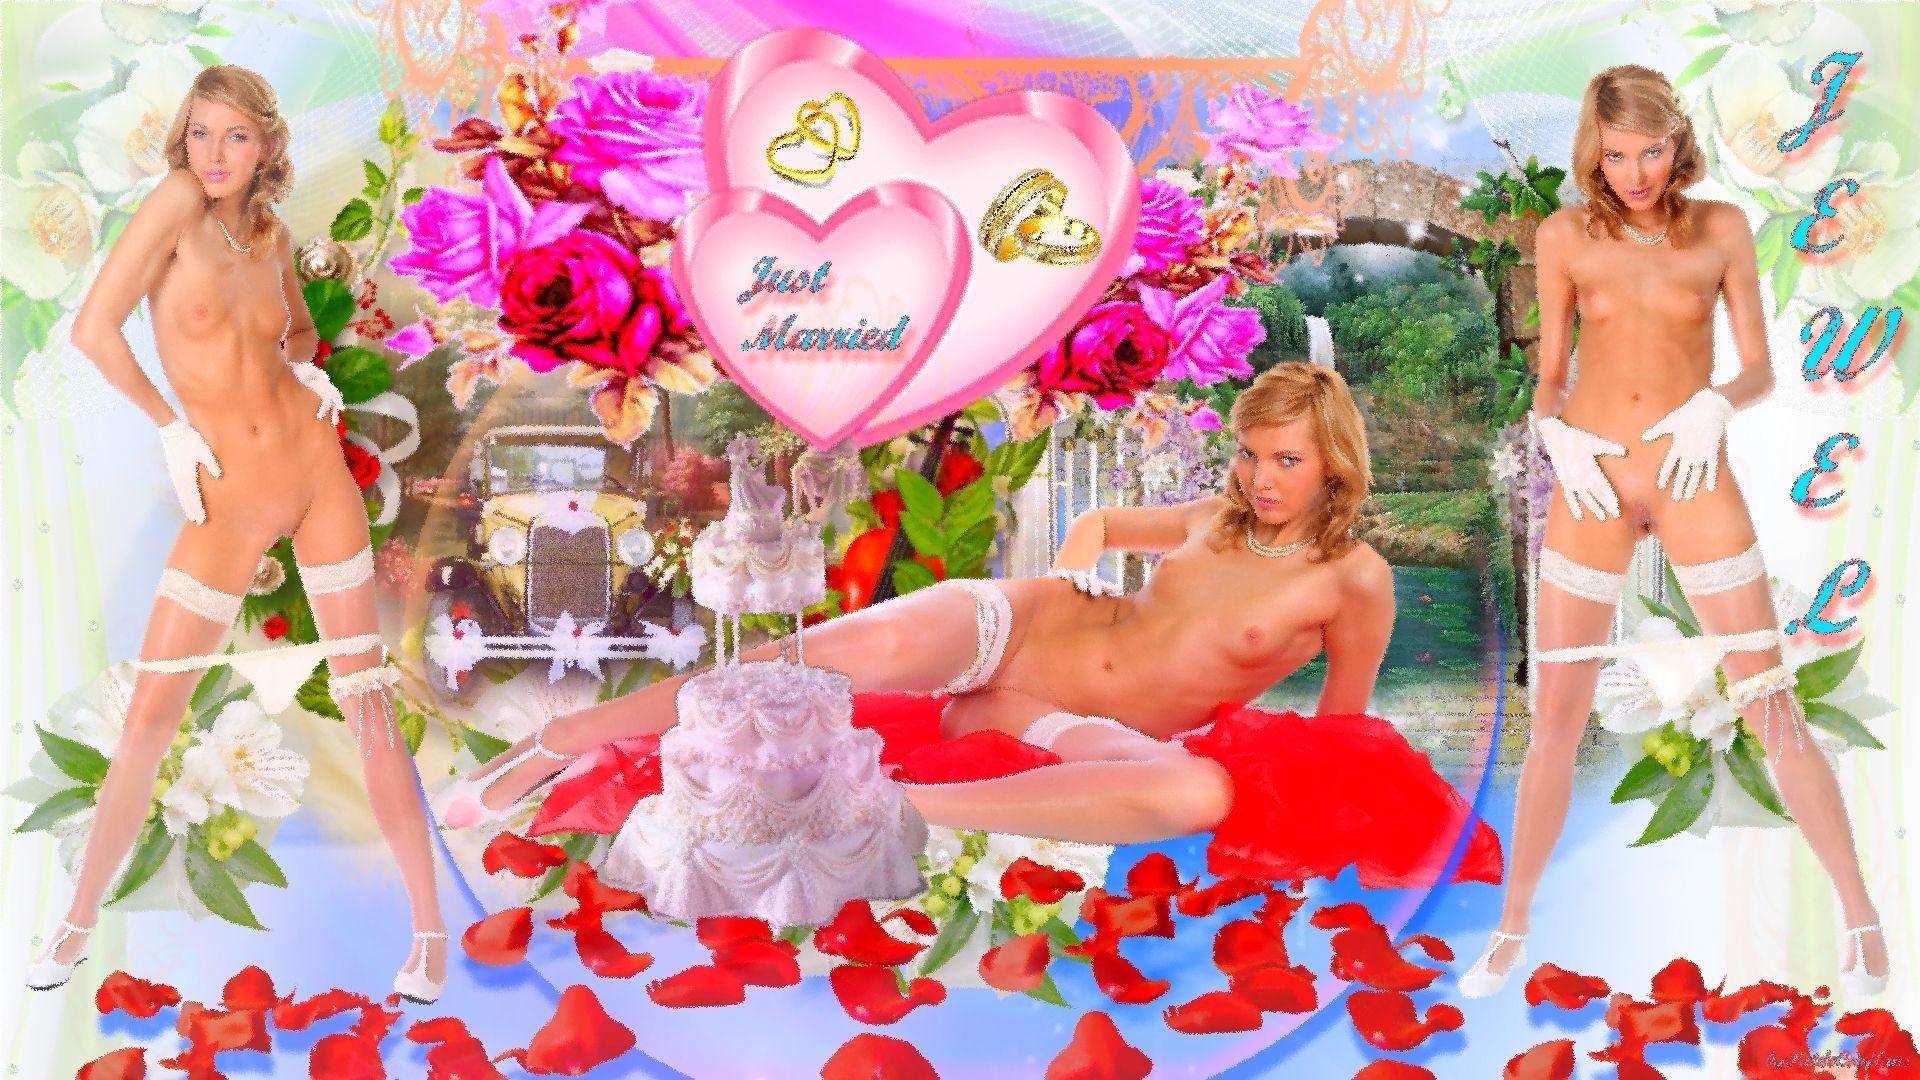 Fonds d'cran Erotique - Wallpapers paradise - Wallpaper